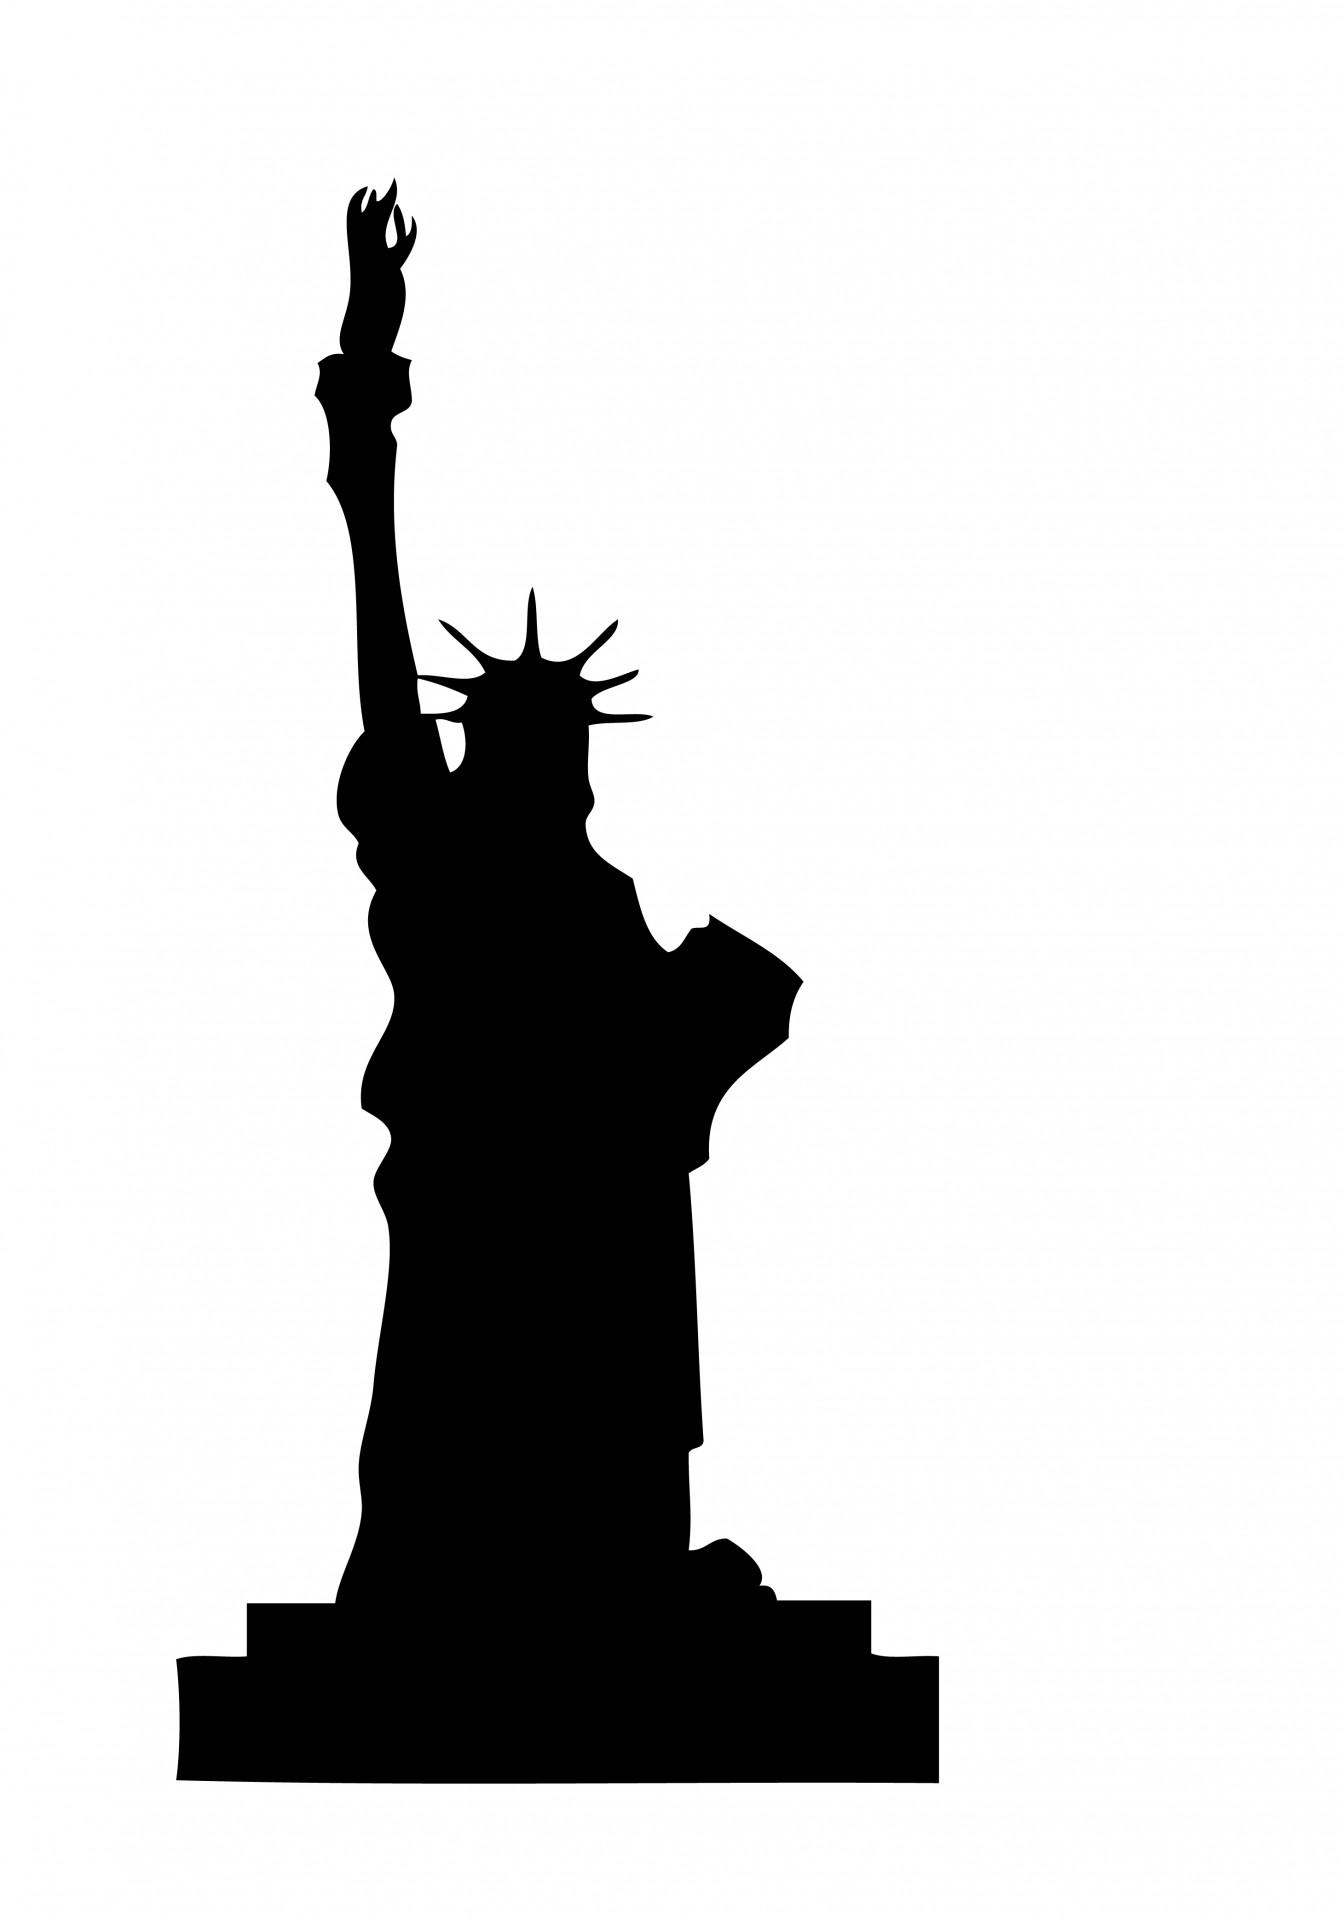 Freiheitsstatue Clipart Kostenloses Stock Bild.